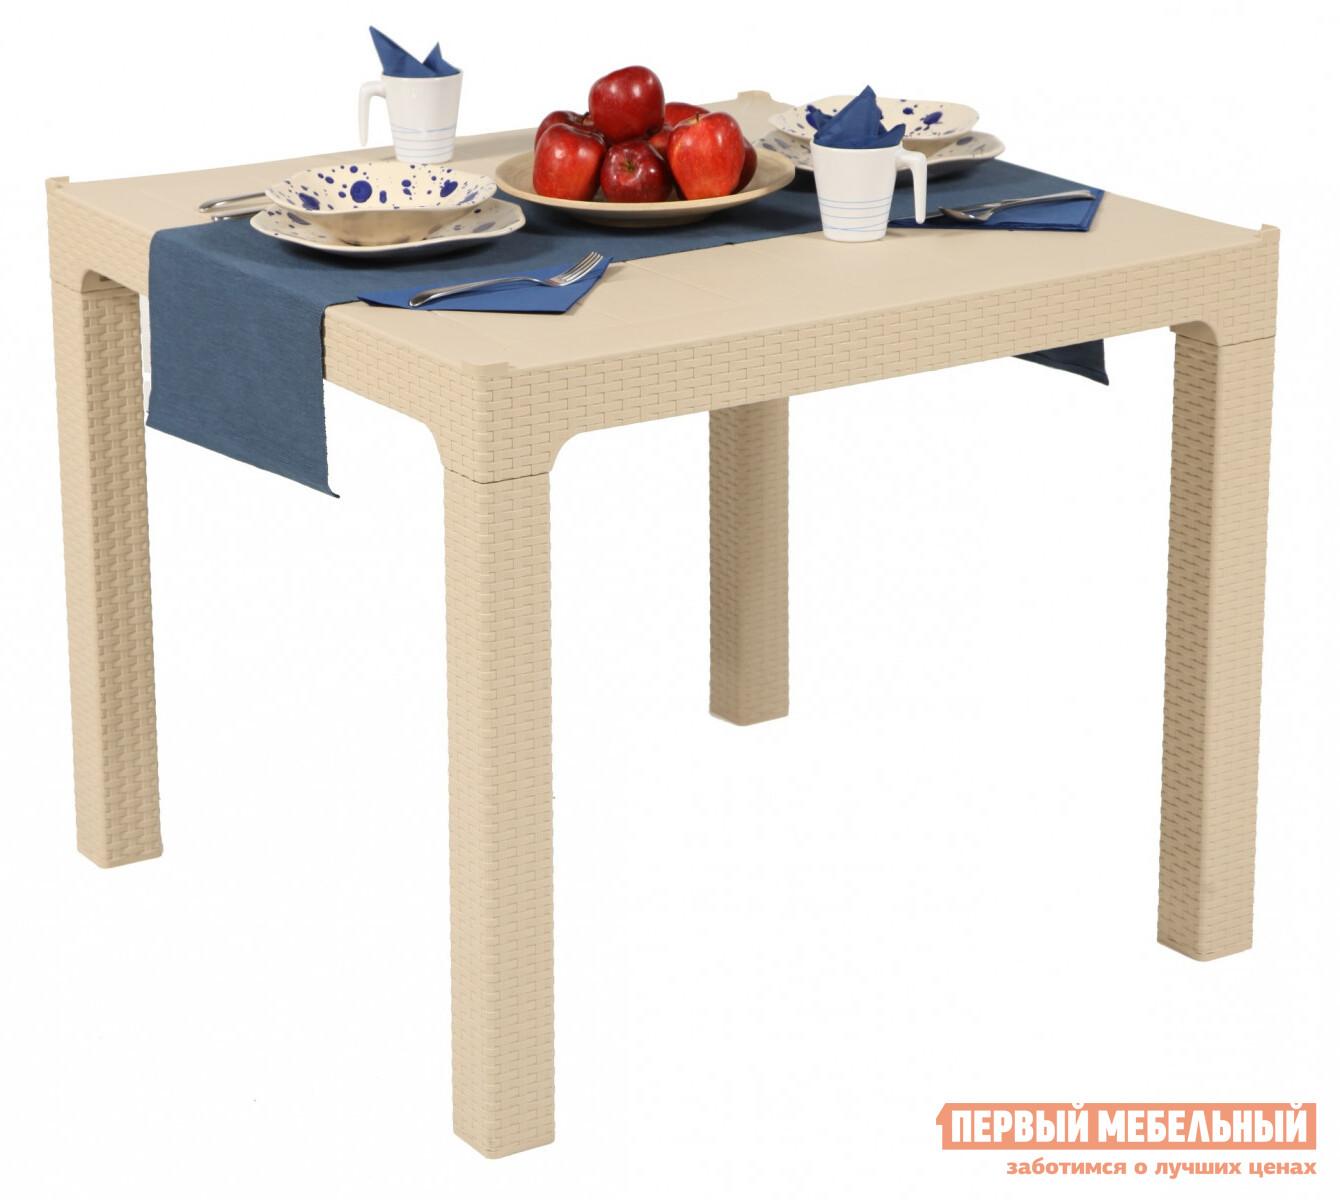 Садовый стол Рихаус Стол пластиковый Arizona без стекла DEL/AR-R/90x90/F пластиковый стул рихаус net 4032656000 4032675000